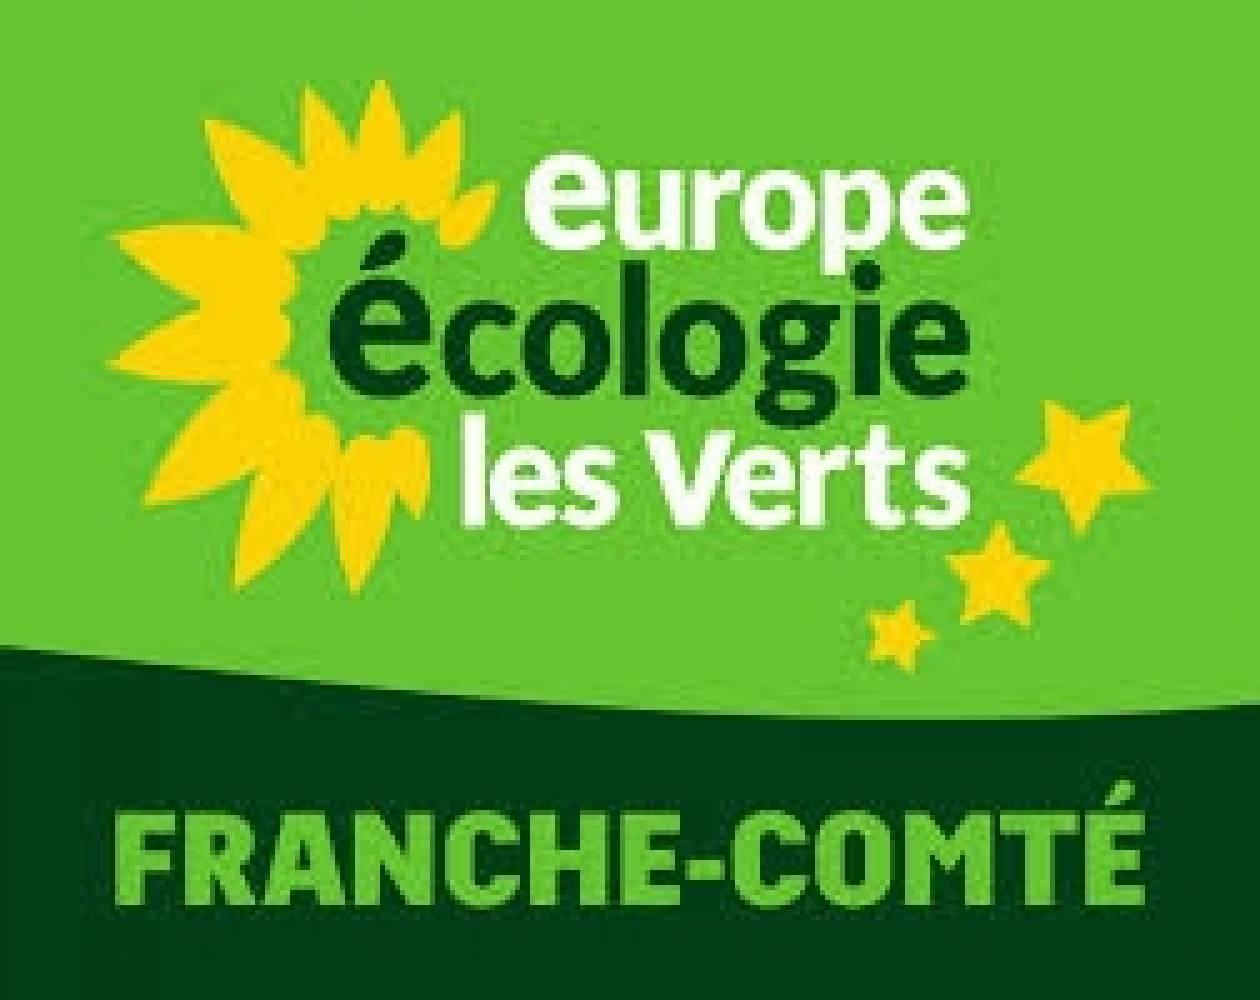 Γαλλία: Οι Πράσινοι αρνήθηκαν να συμμετάσχουν στη νέα κυβέρνηση